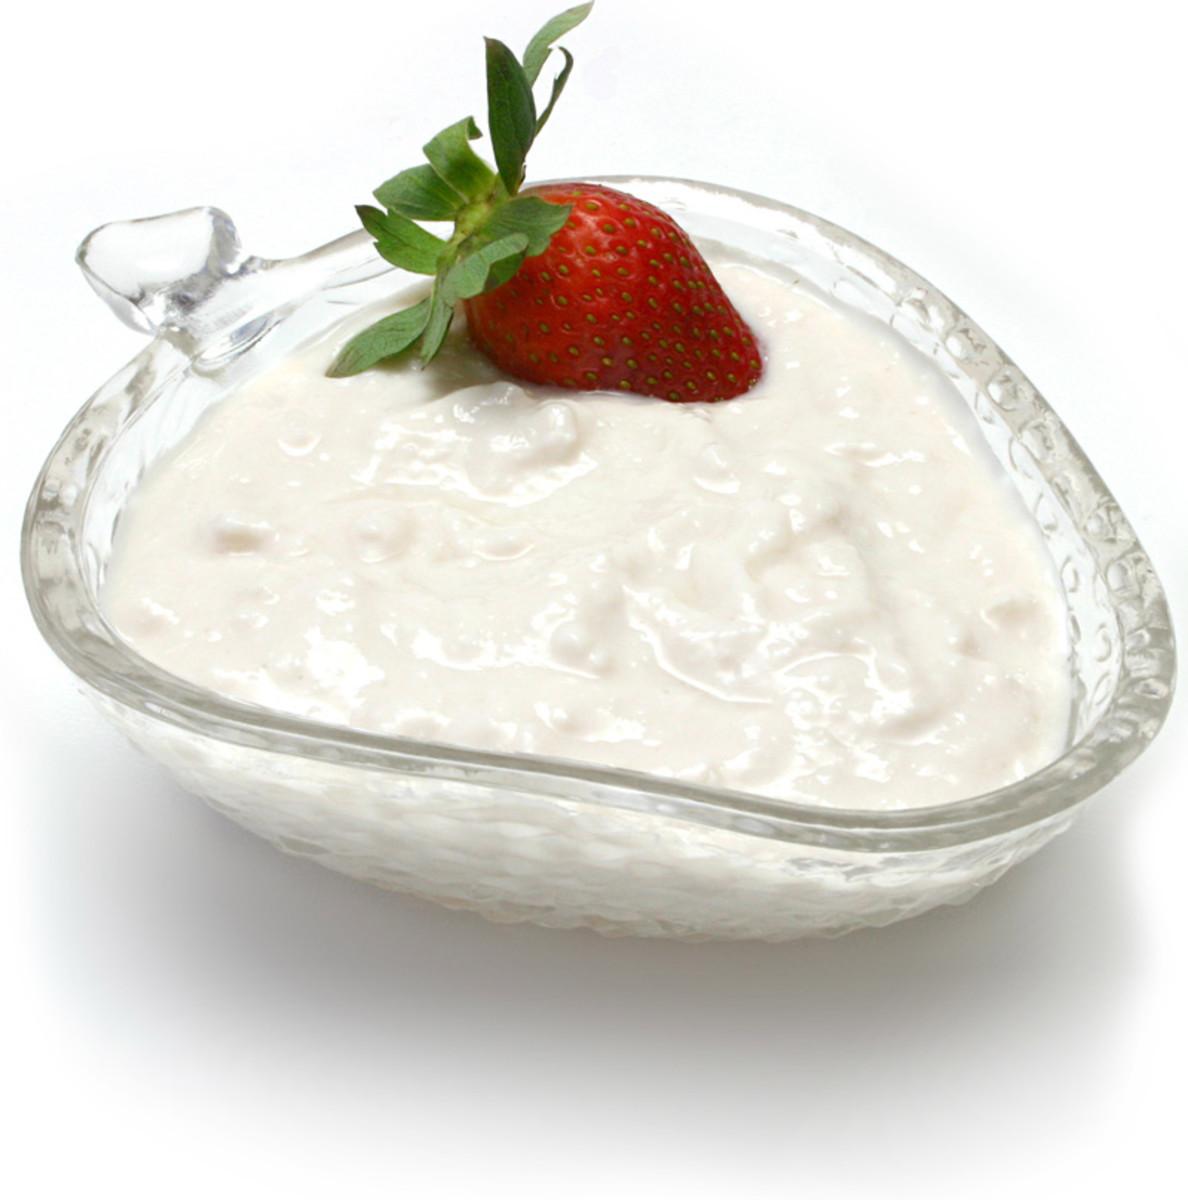 Yogurt with cherry